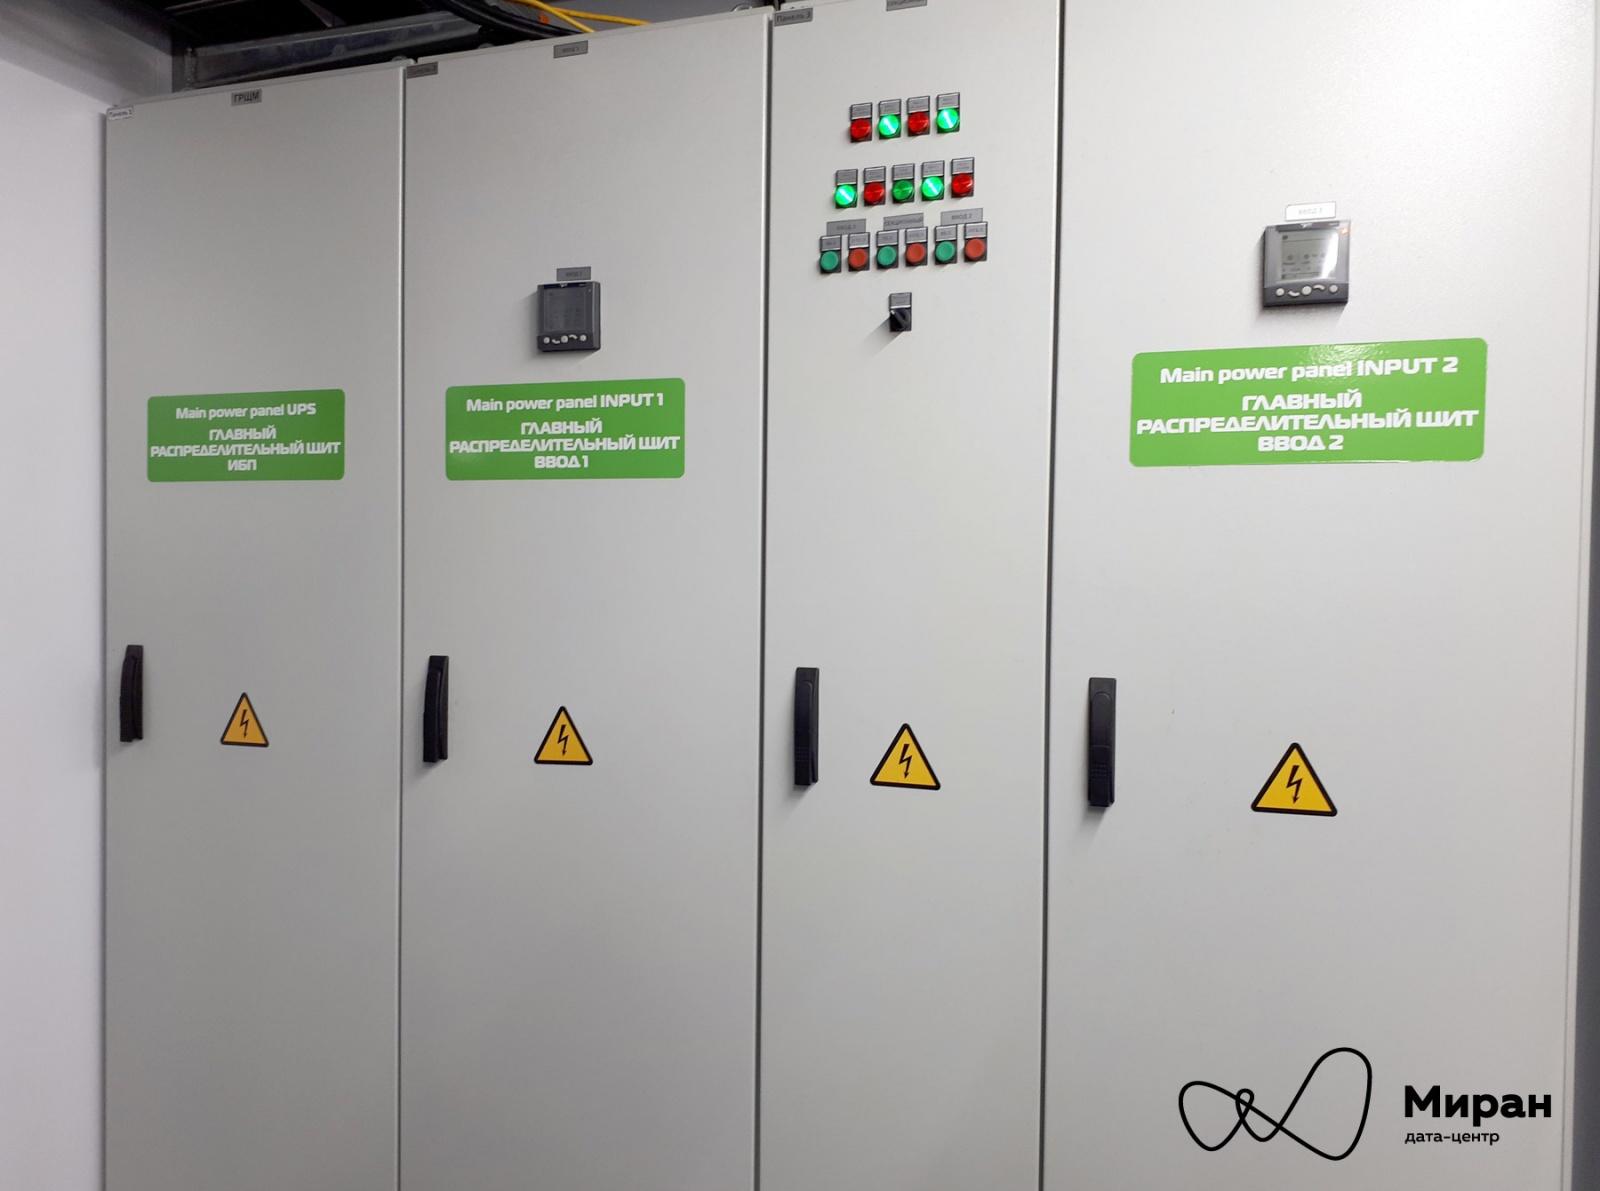 Инженерные системы наших дата-центров и их мониторинг, часть первая - 5